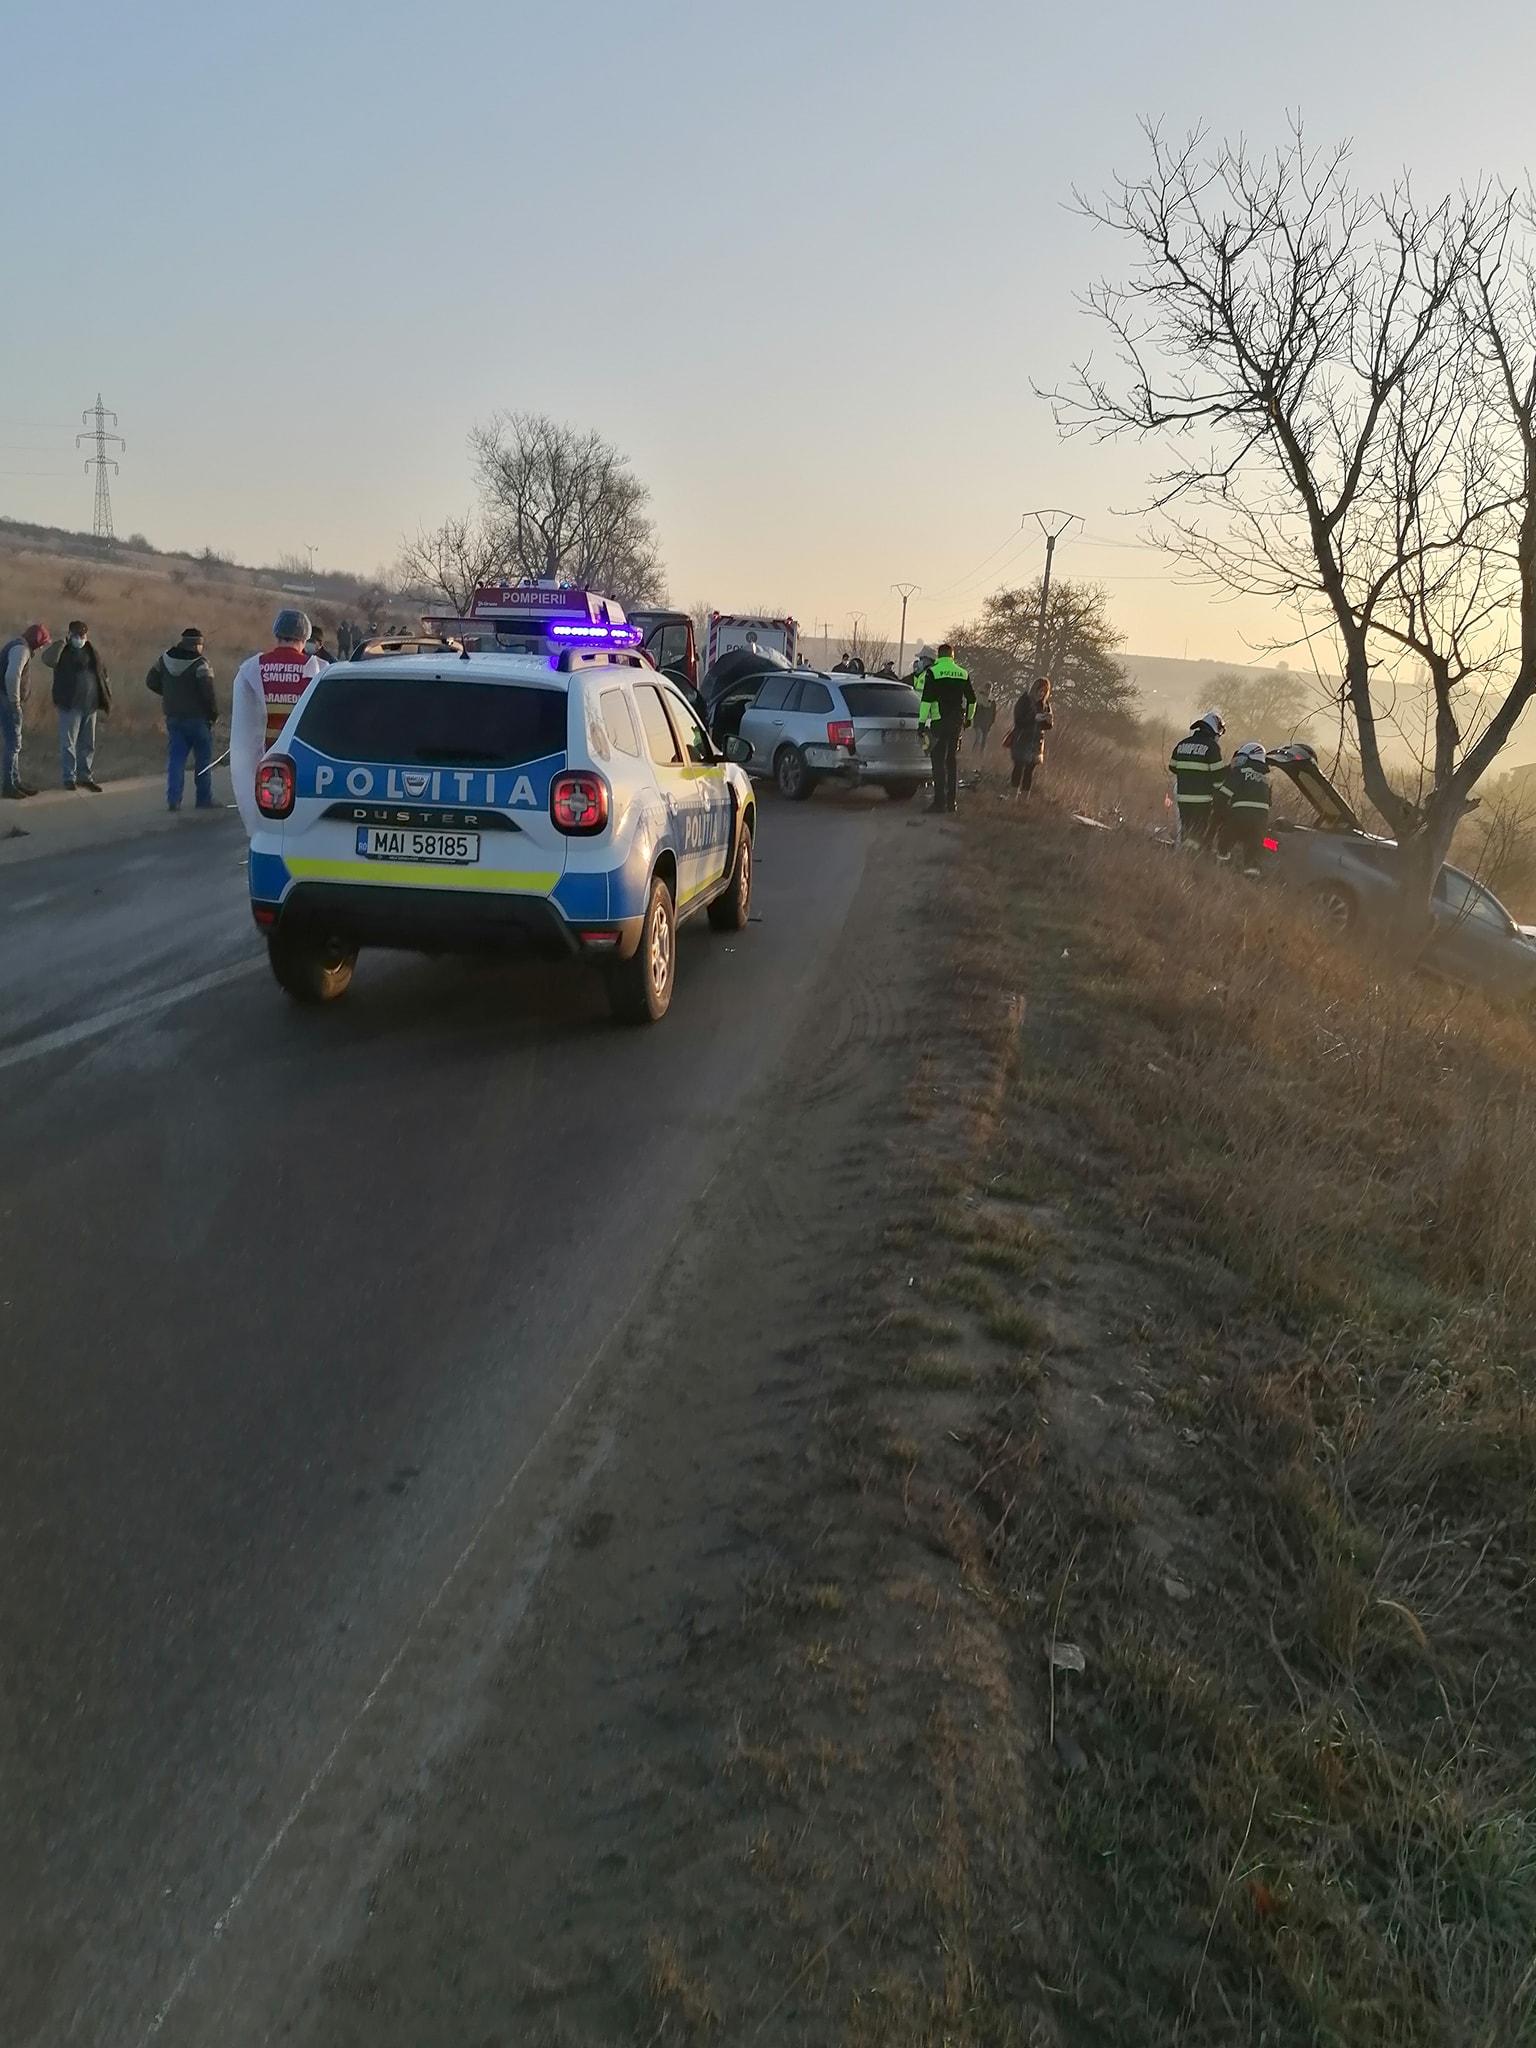 Două persoane au fost rănite într-un accident, în zona Bavaria, din cauza unui șofer băut